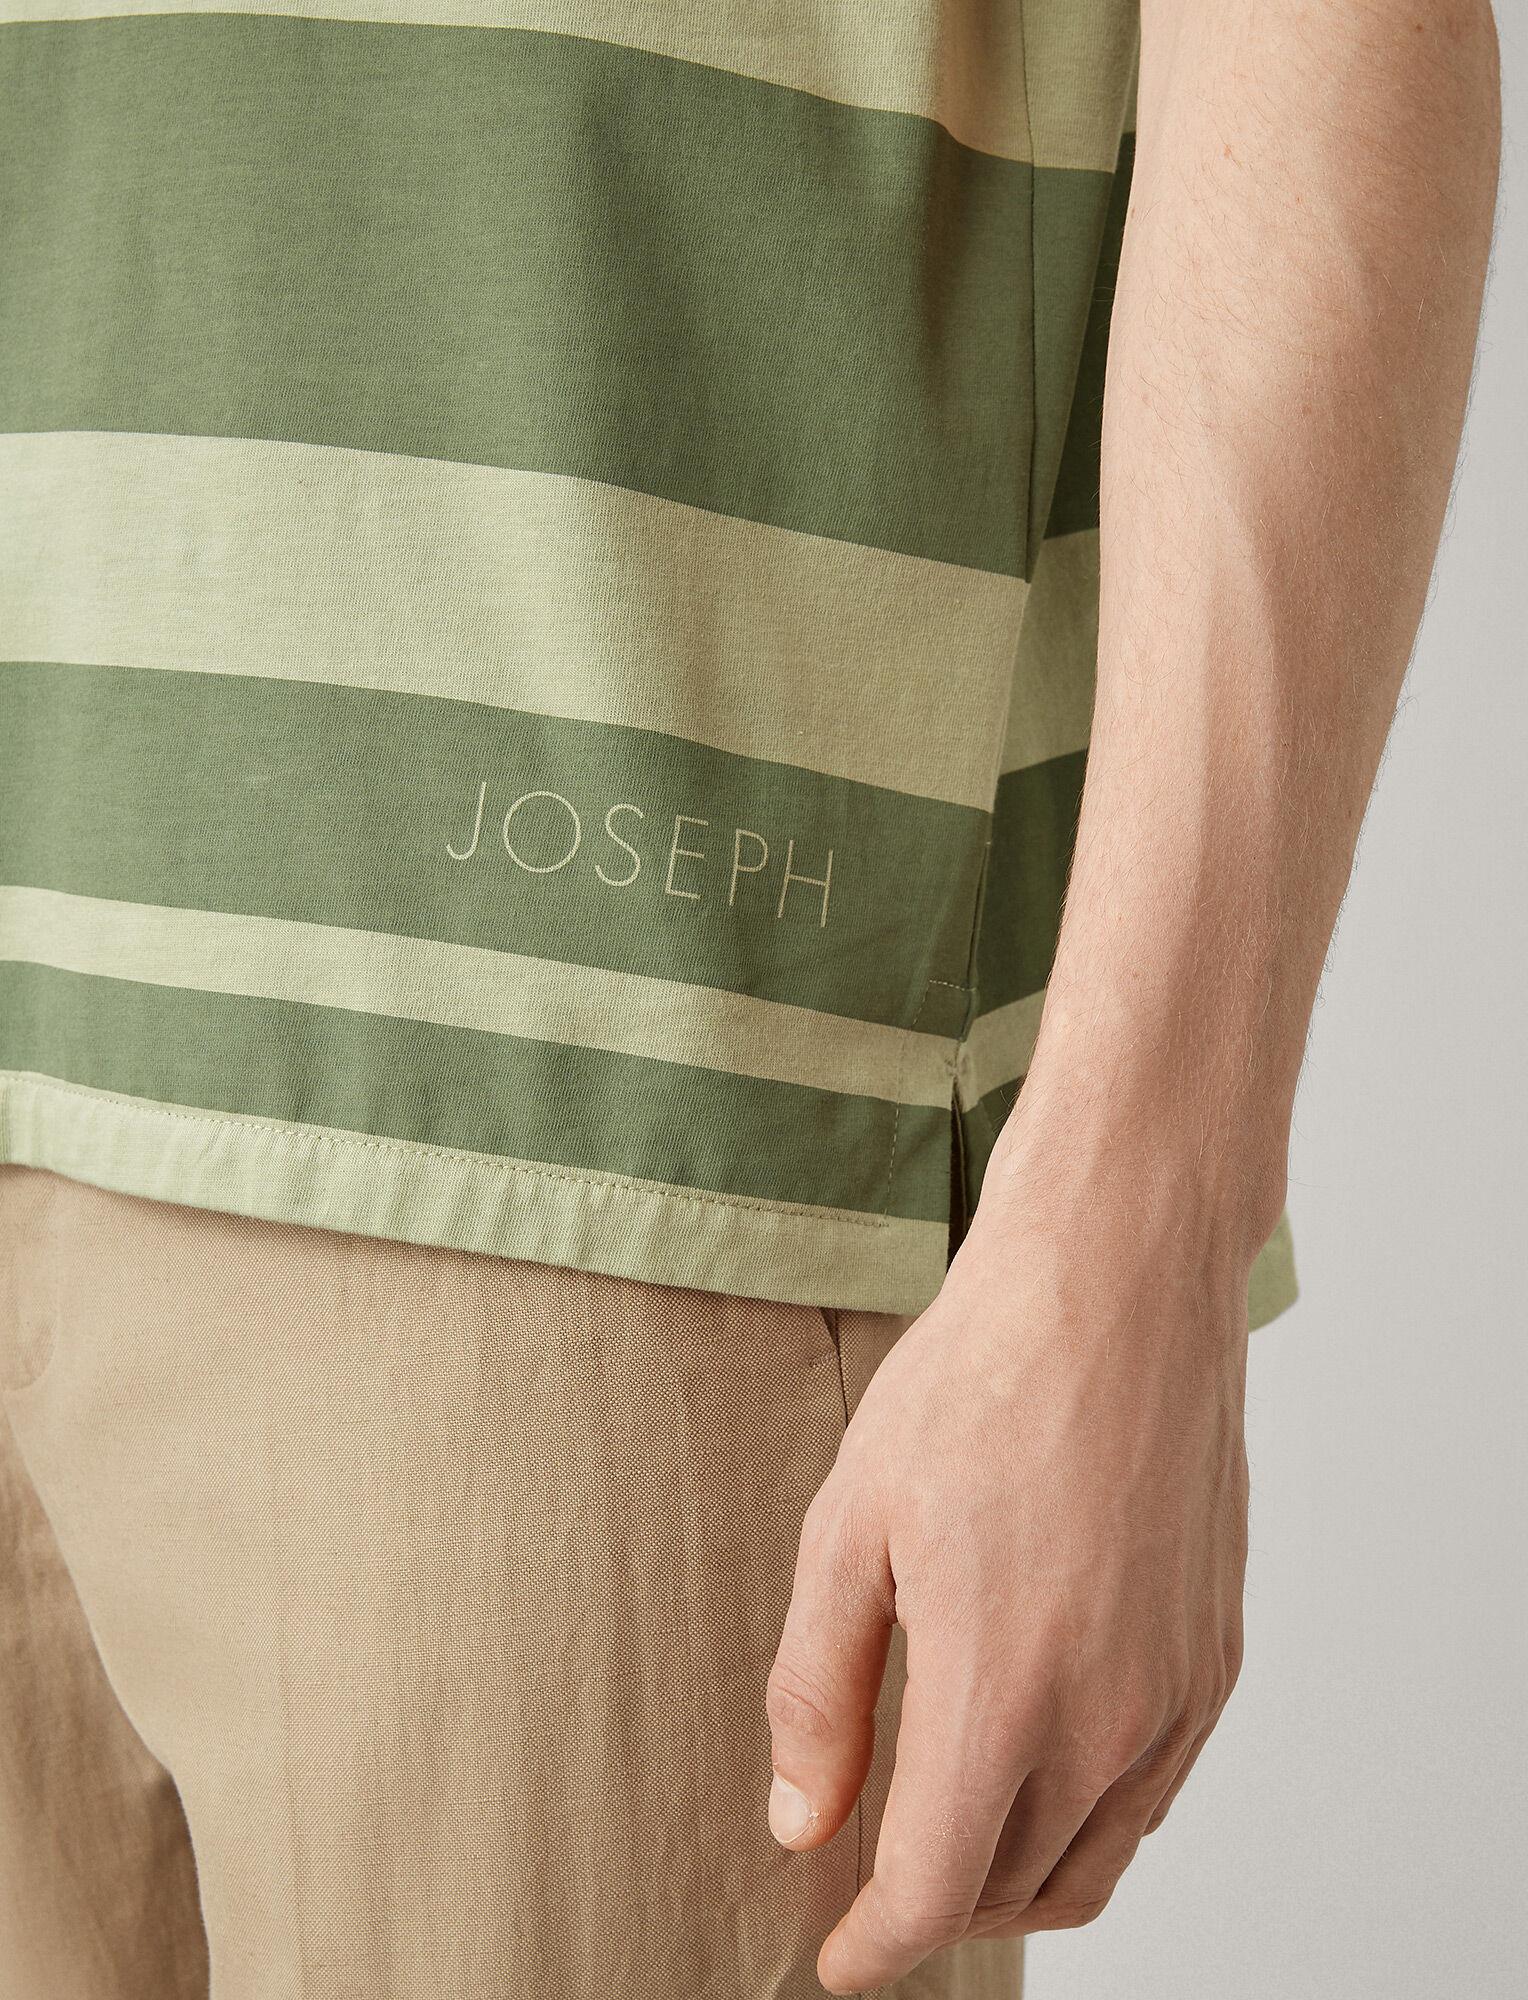 Joseph, Joseph Stripe Tee, in KHAKI